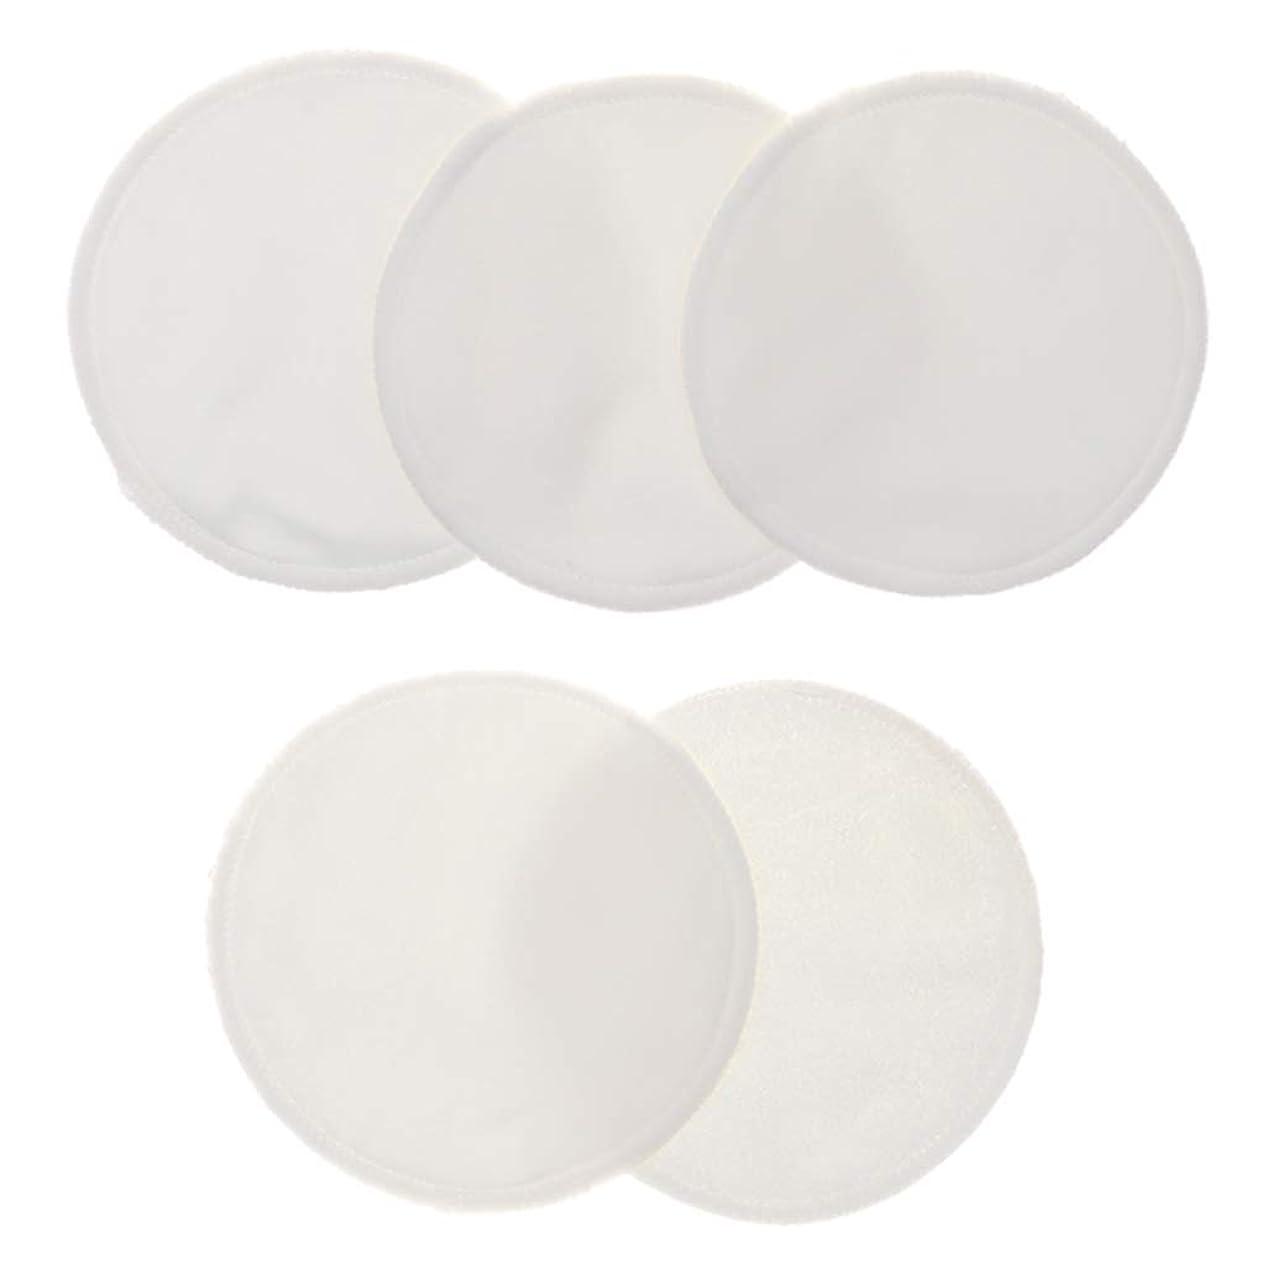 国民調整あえぎCUTICATE 5個 クレンジングシート 胸パッド 化粧用 竹繊維 円形 12cm 洗える 再使用可能 耐久性 全5色 - 白